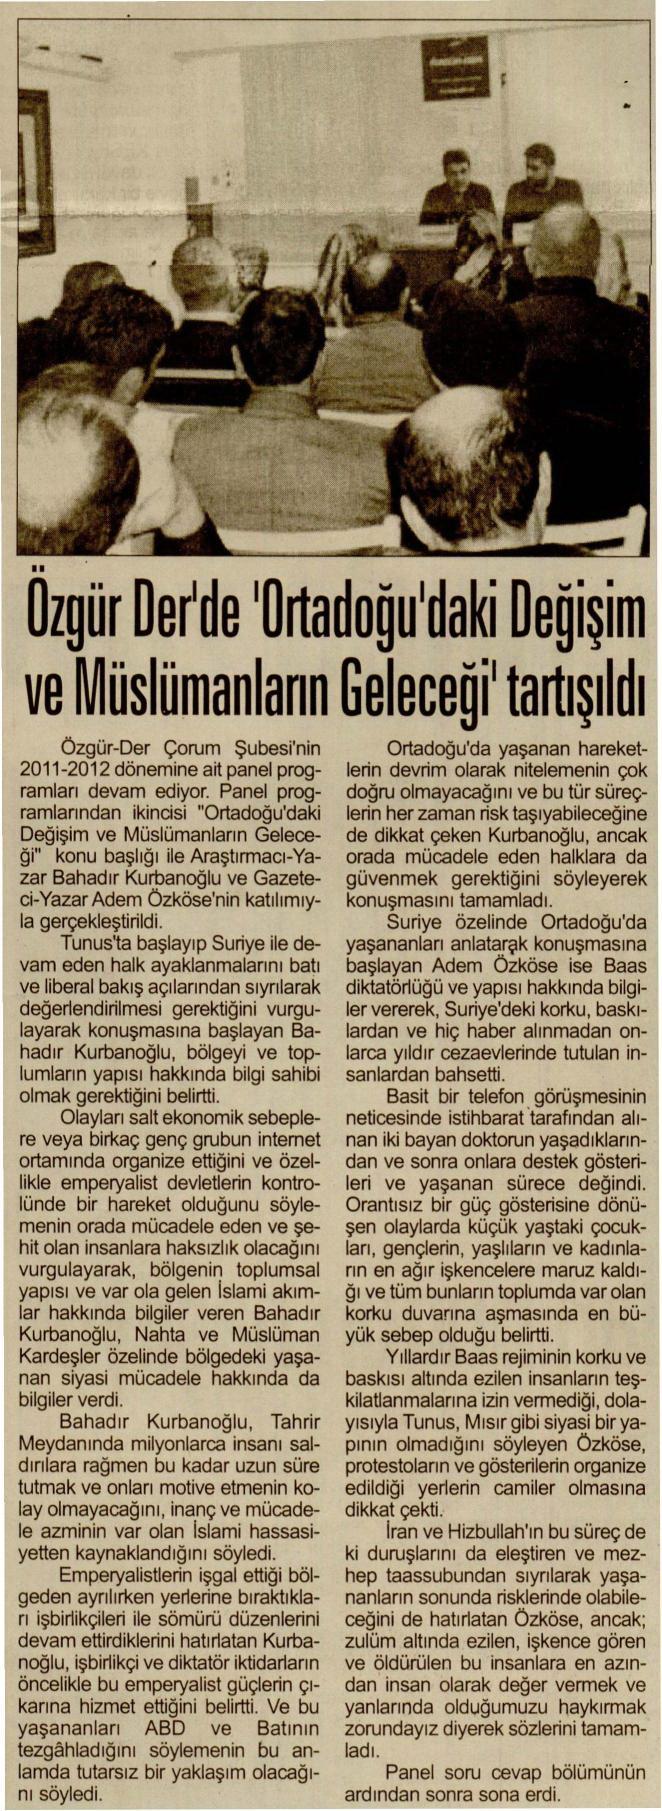 dost+haber_20111220_9.jpg